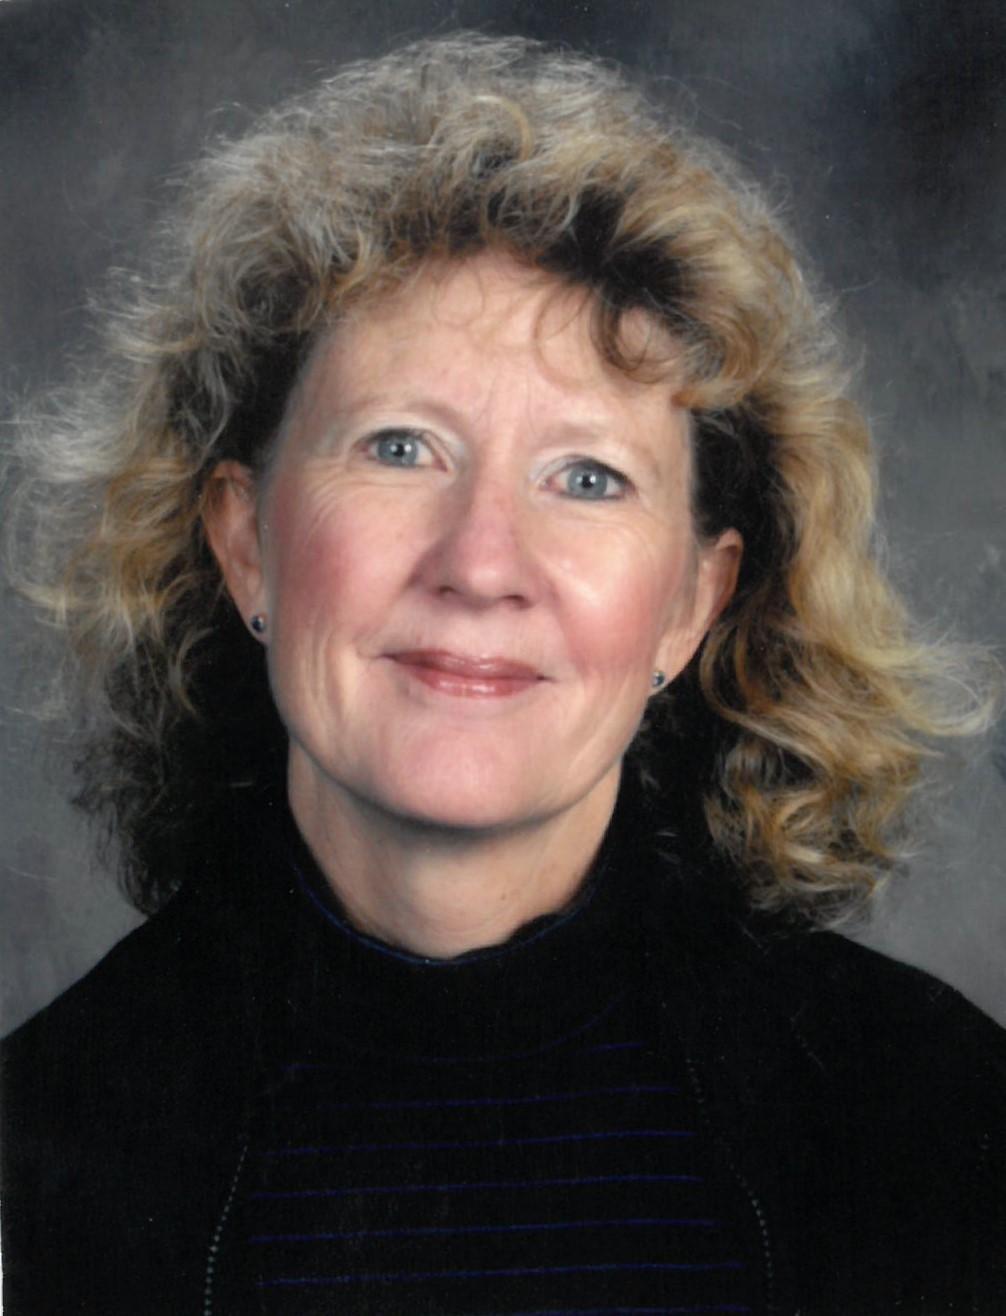 Baree L. McGrath